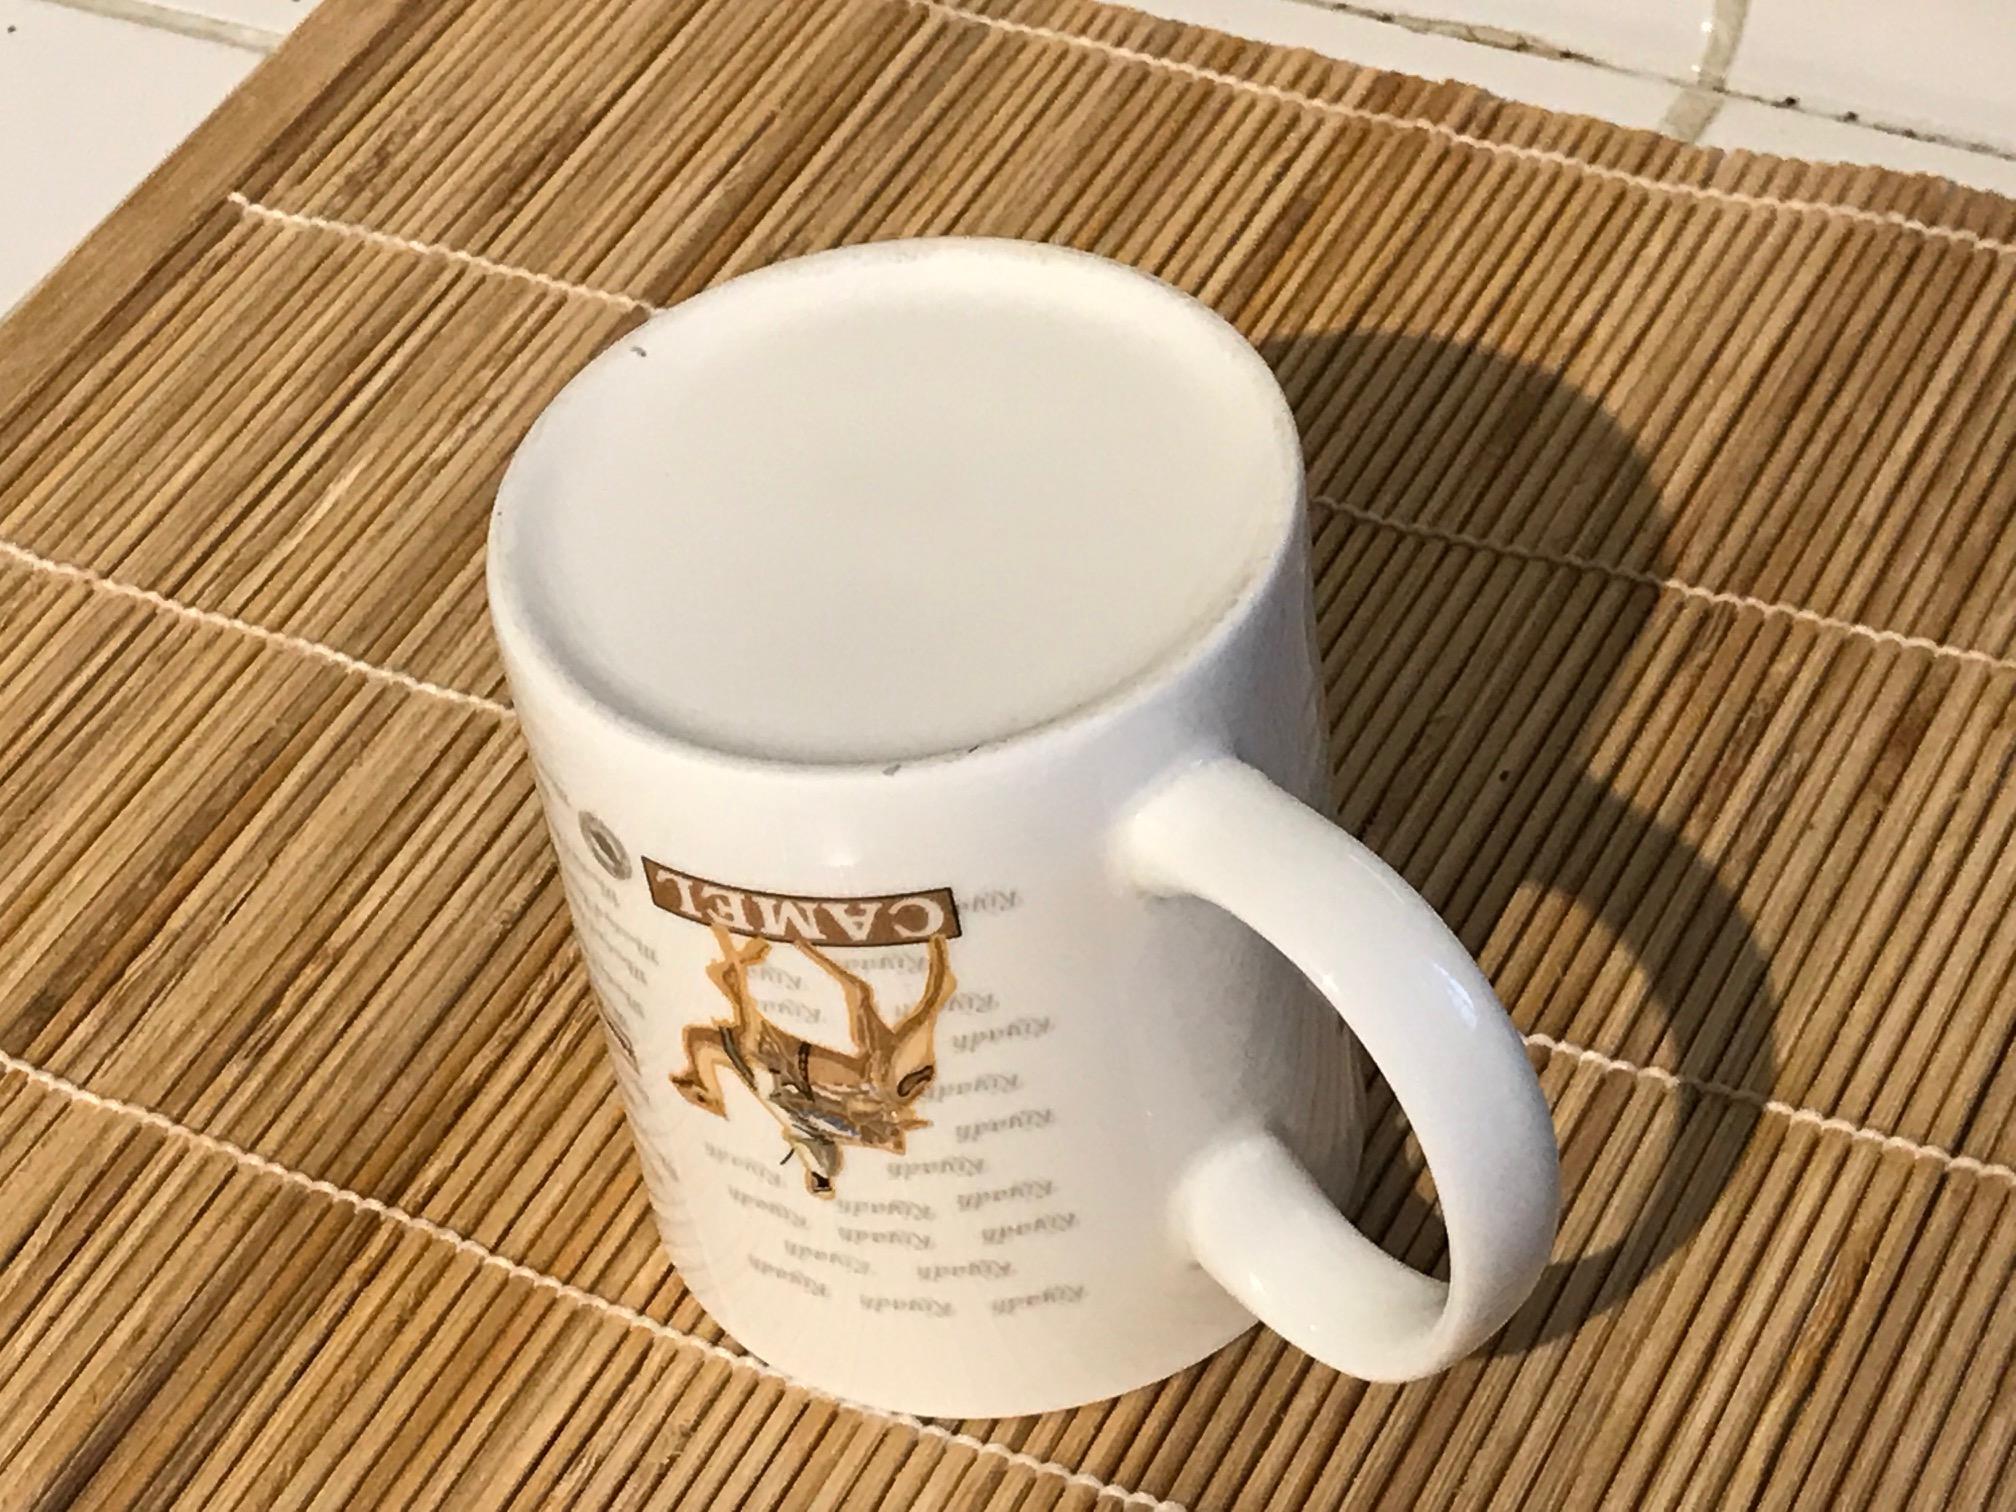 Souvenir Mug from Riyadh Saudi Arabia (of all places!) airport souvenir purchase: 21,300 ppm Lead.